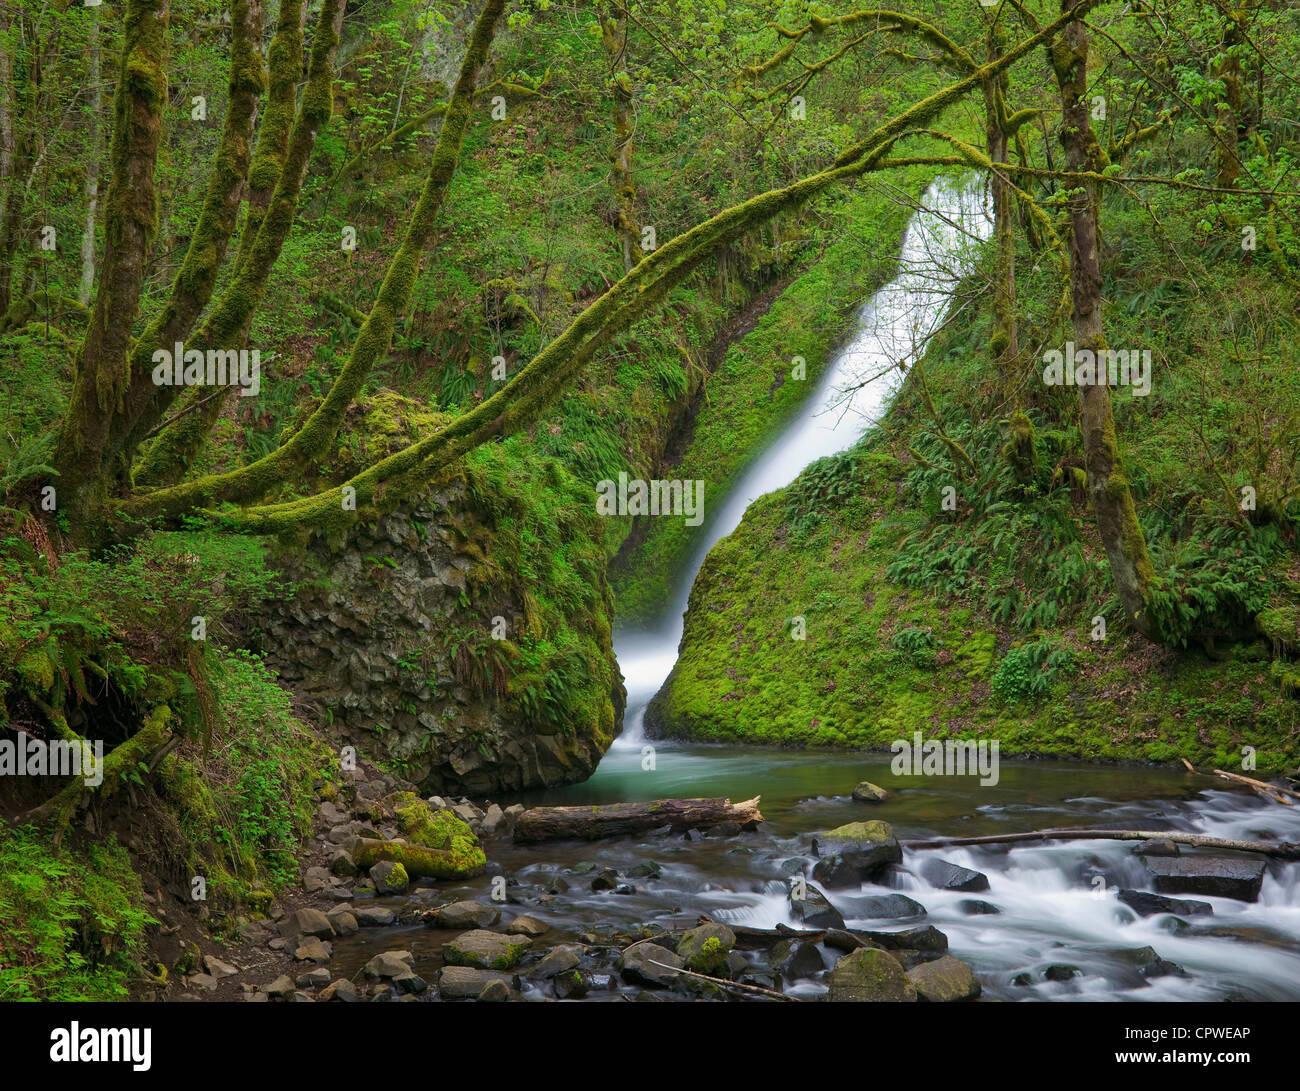 Monte Hood National Forest, O: la primavera flujo de Bridal Veil Falls en un cañón cubierto de musgo Imagen De Stock